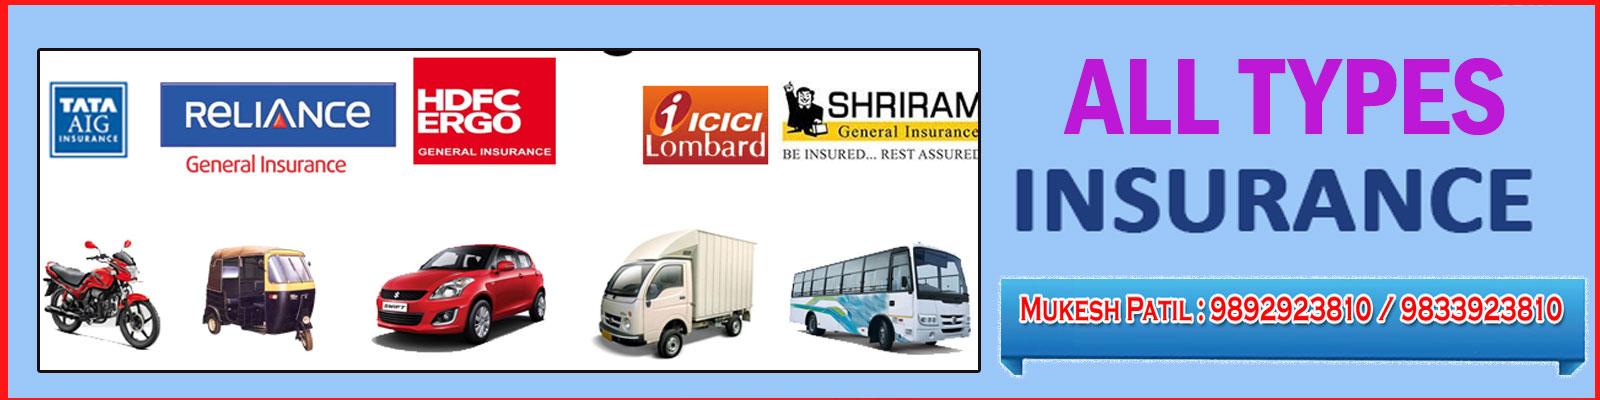 vehicleinsurancebhayandarmumbai2